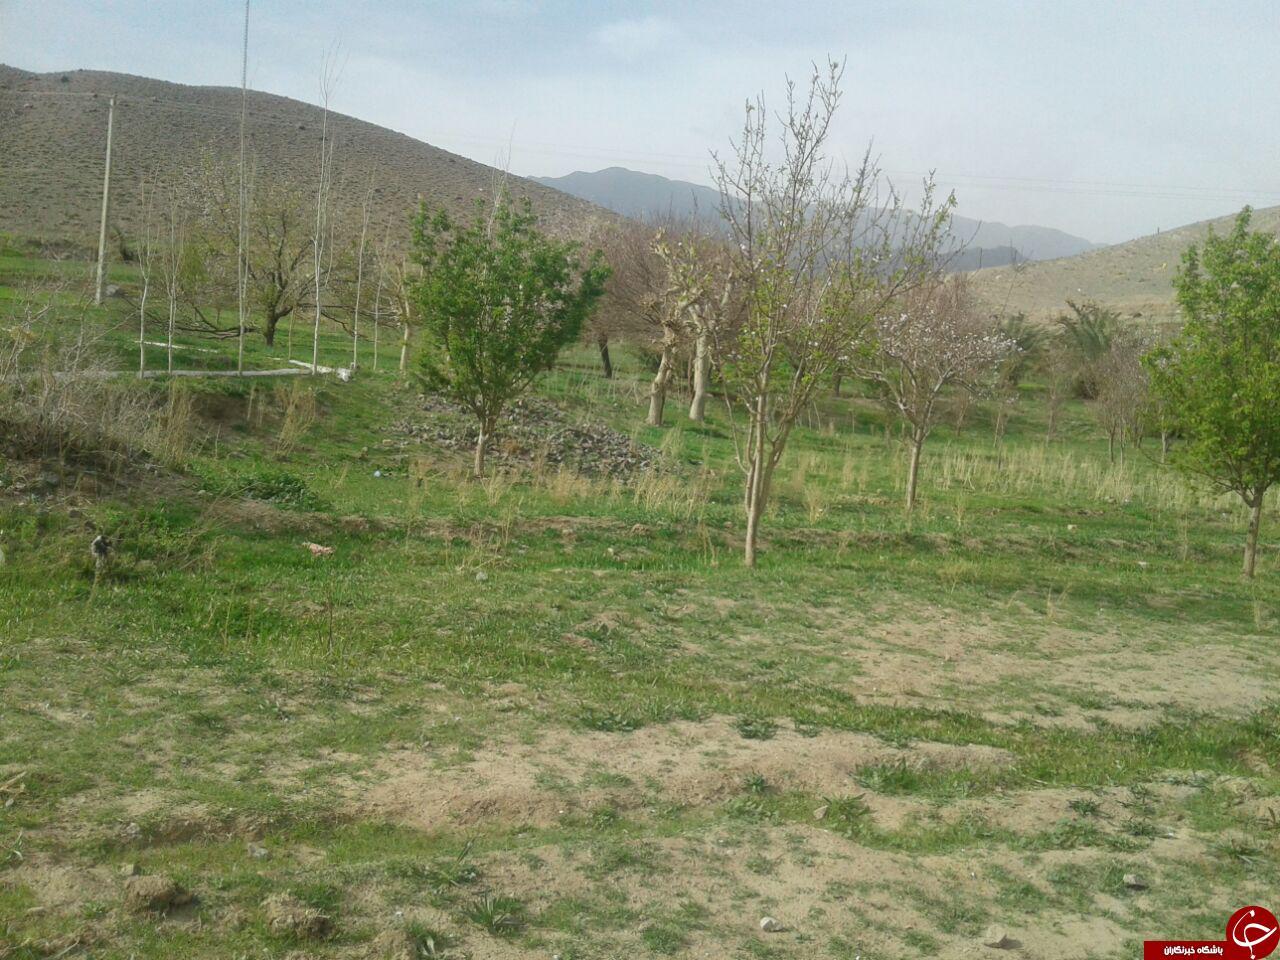 شکوفا شدن درختان با رسیدن بهار + تصاویر